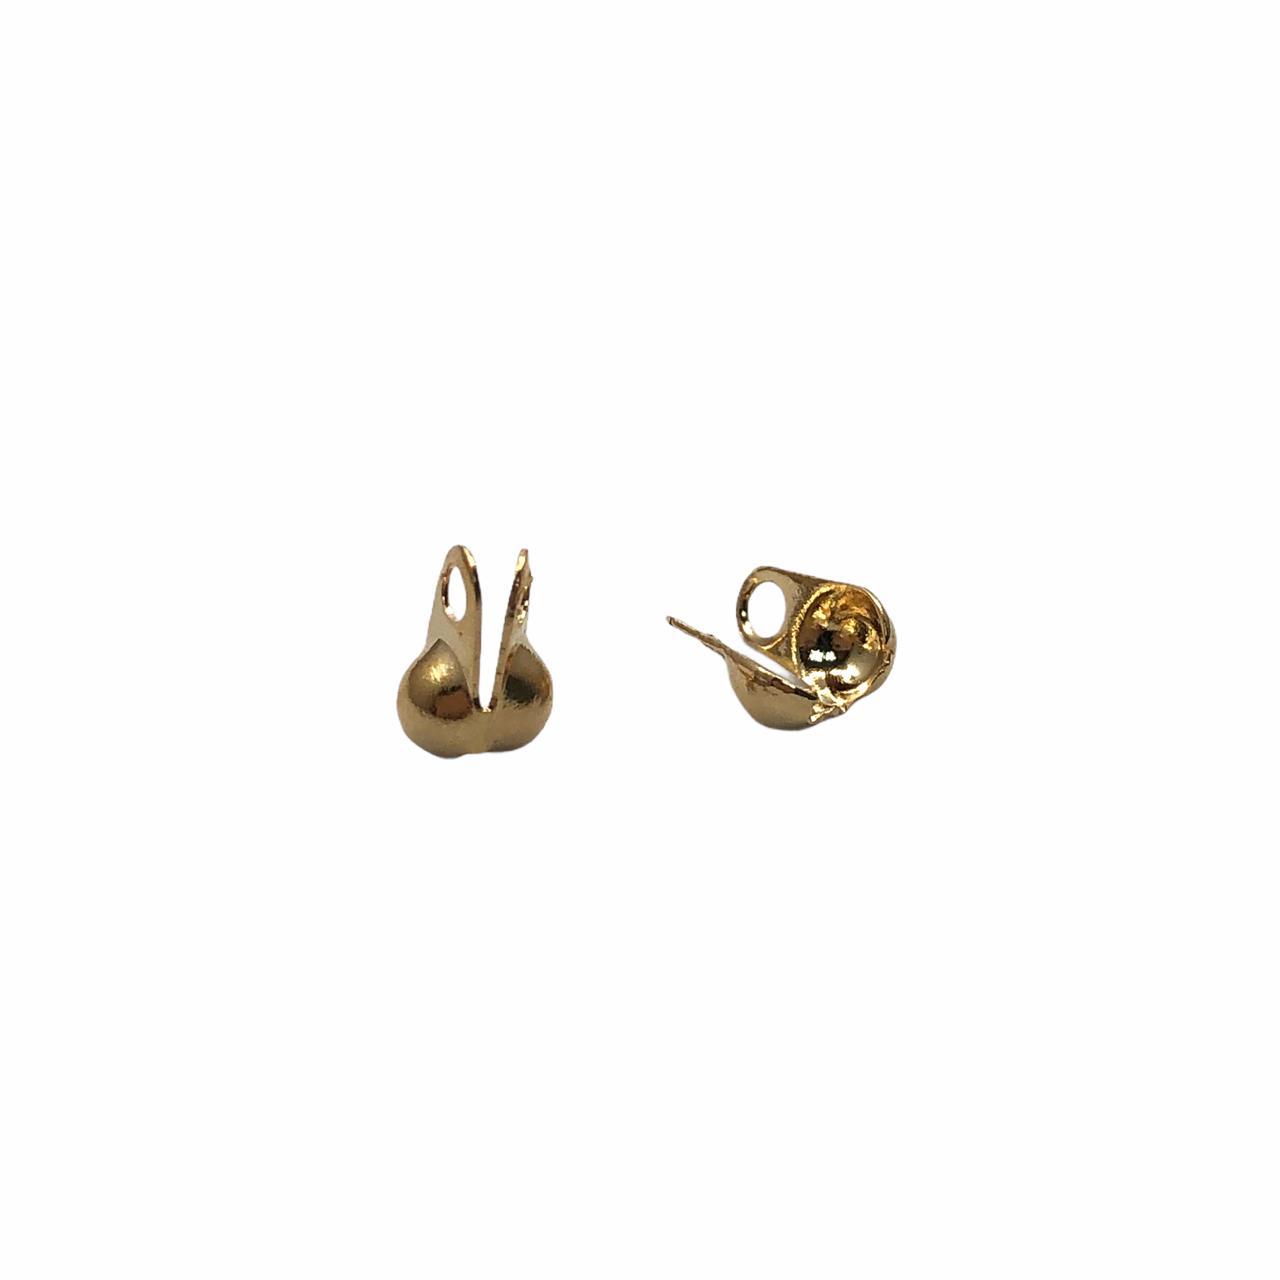 AC705 - Tip Corrente de Bolinha 2.4mm Banhado Cor Dourado - 10Unids